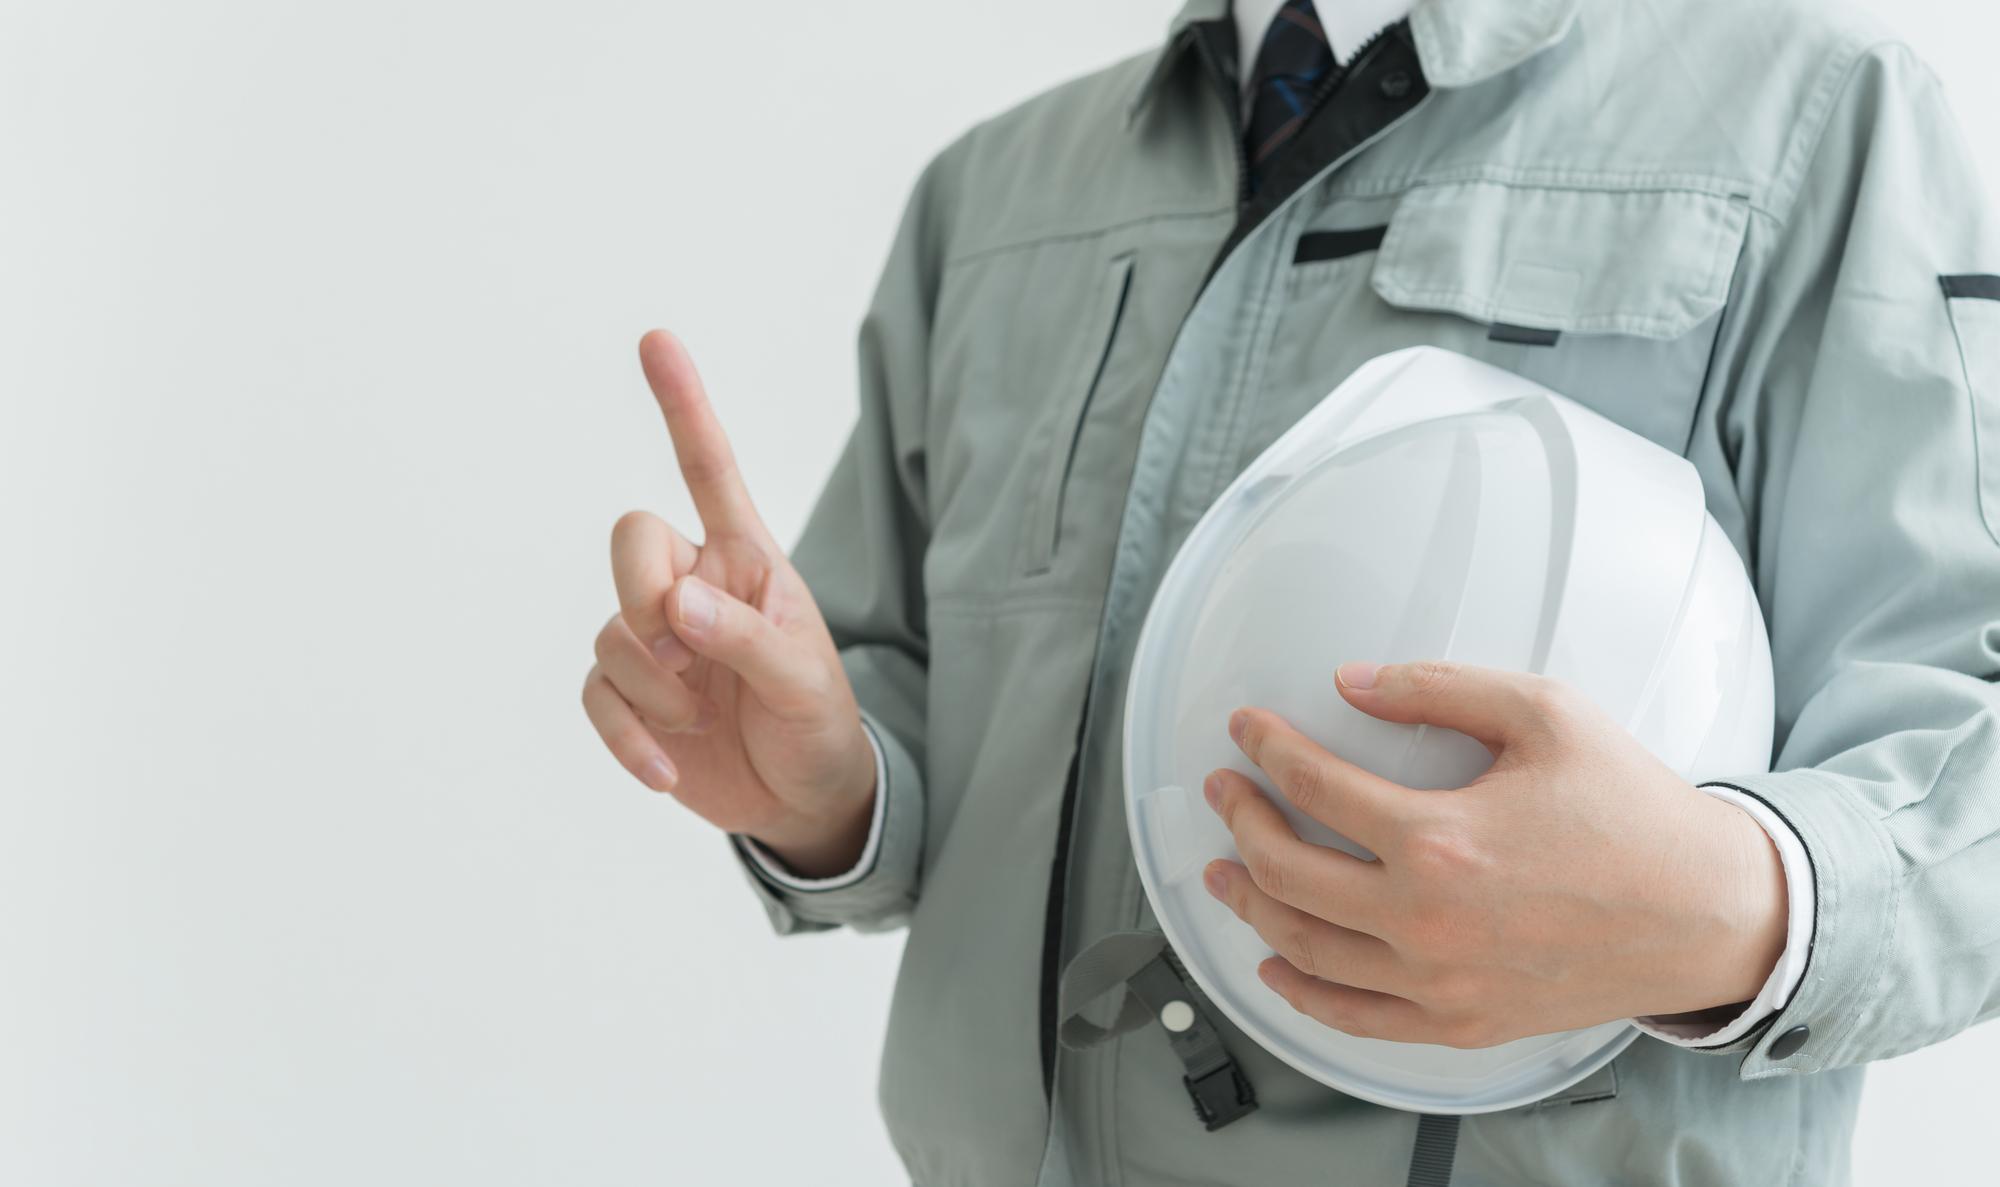 給湯器のプロがおすすめしたいガス給湯器メーカー・パーパス株式会社